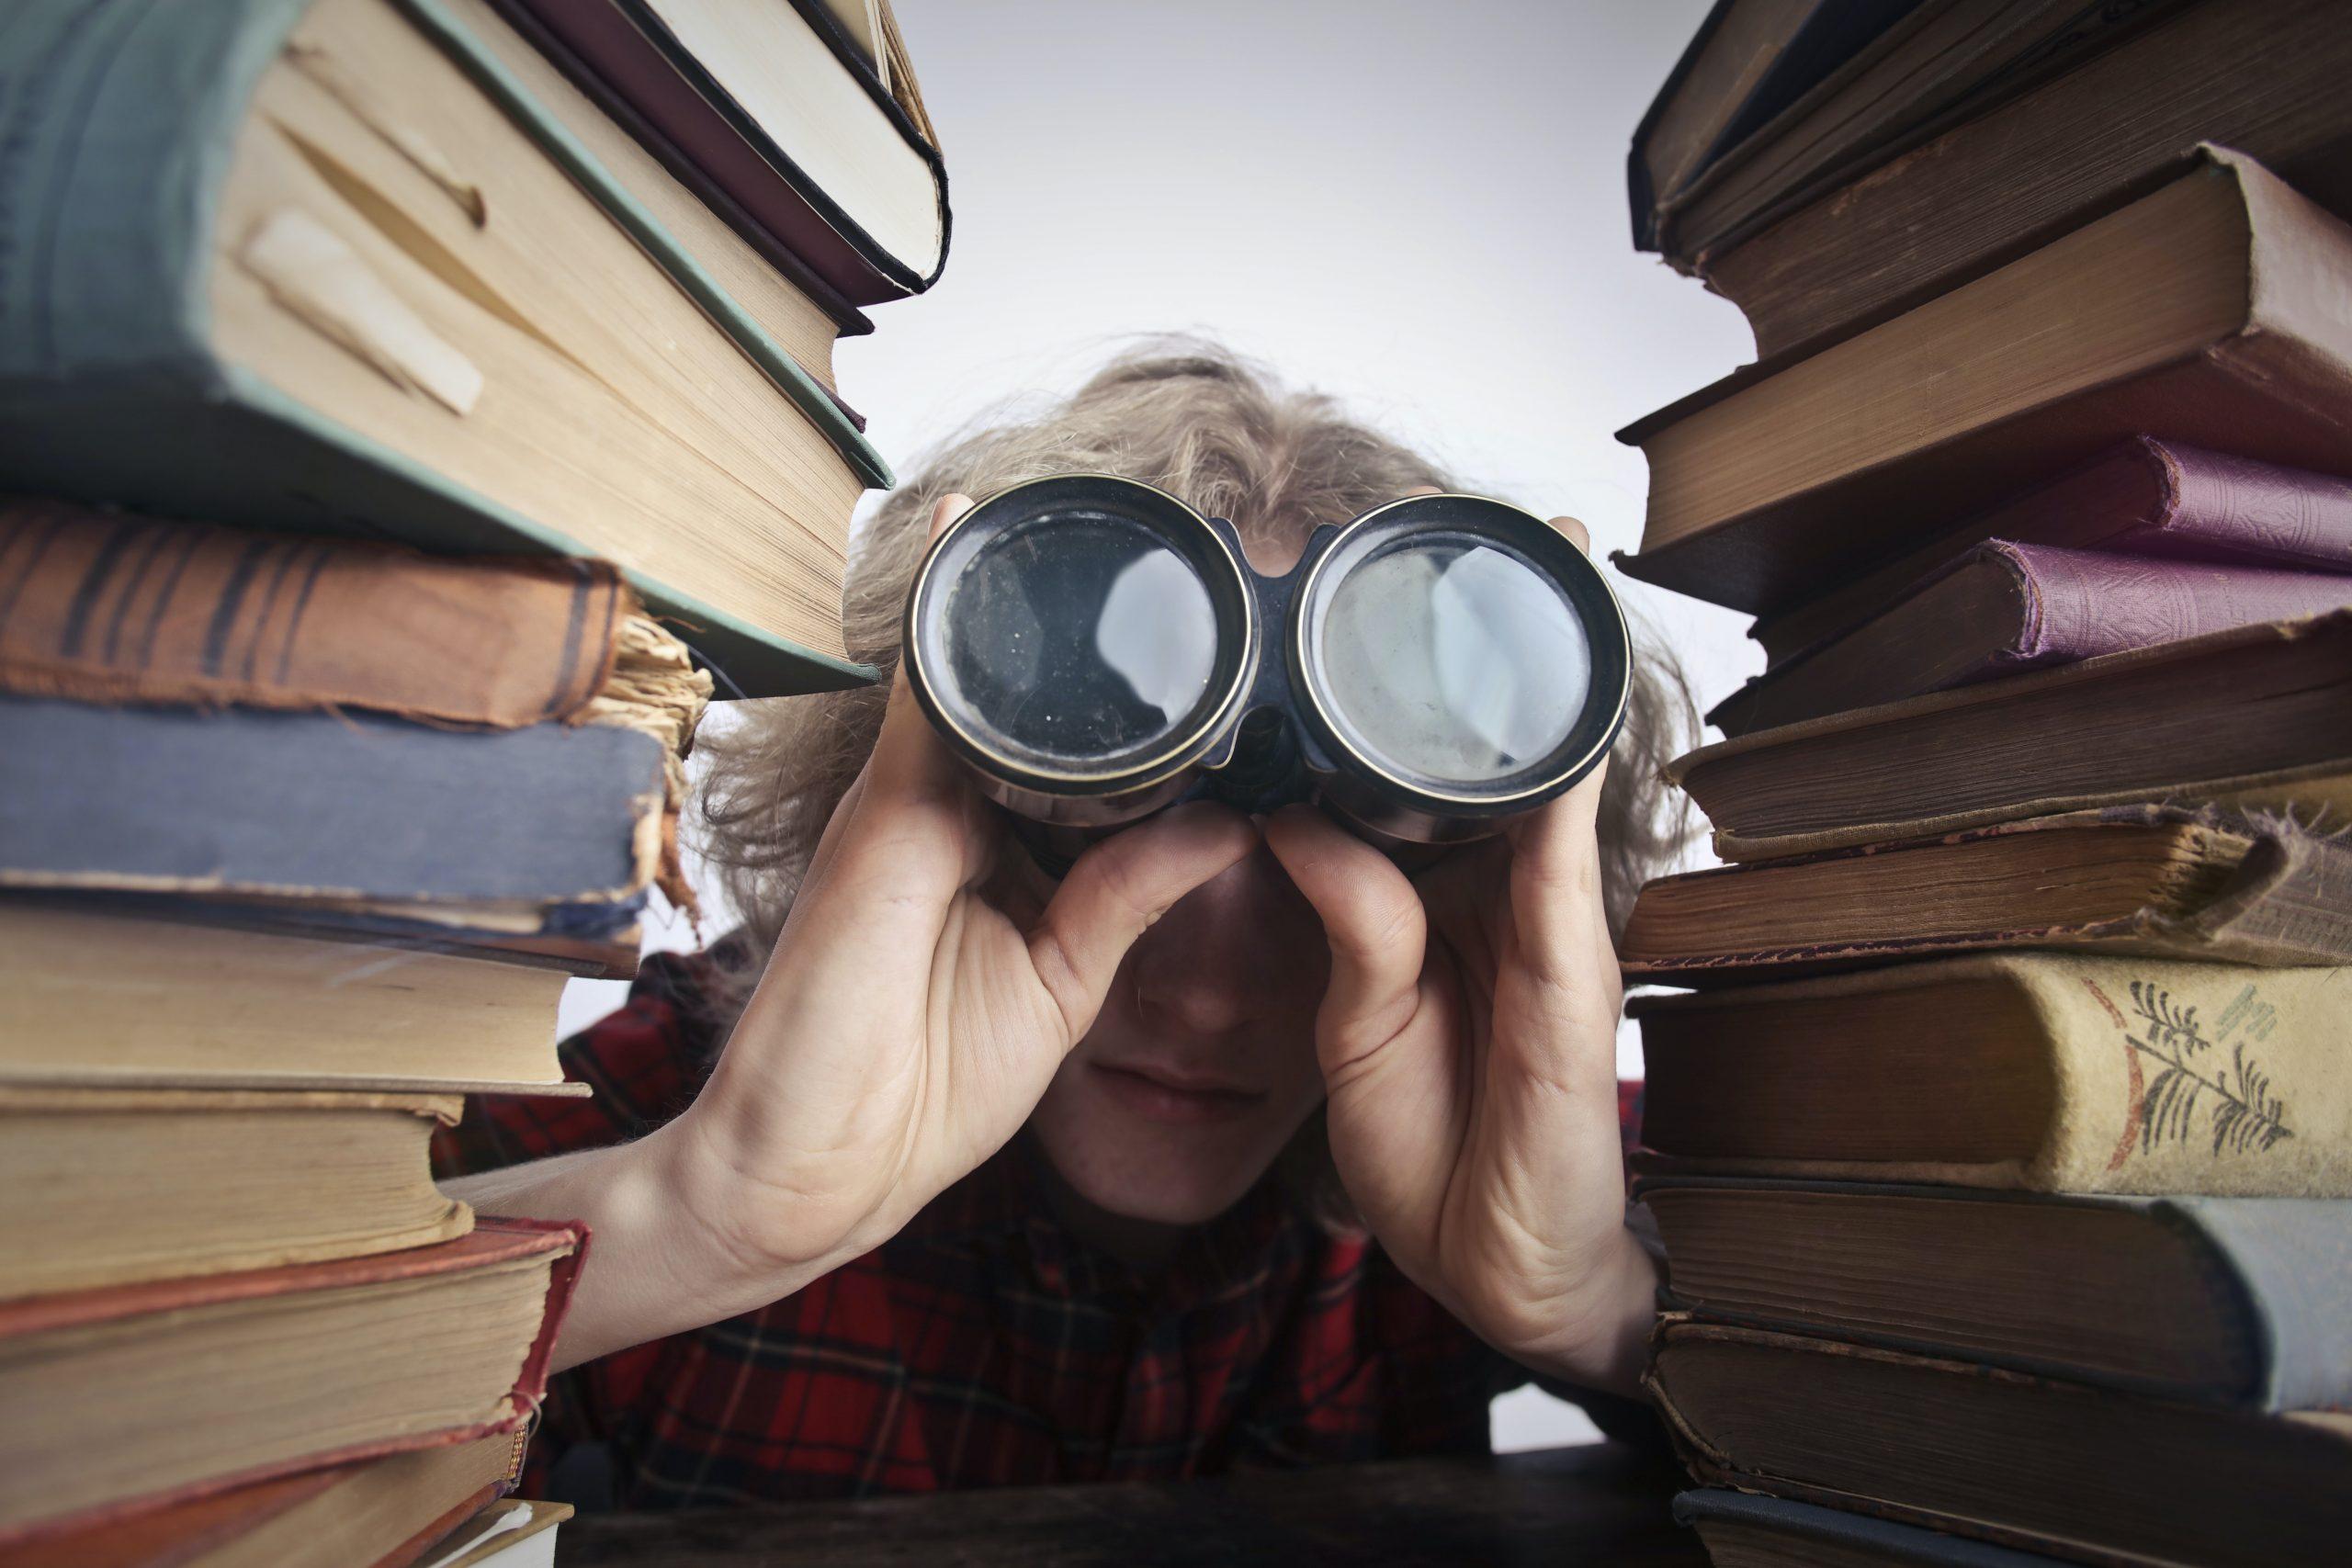 Entre les livres, un homme regarde avec des jumelles.